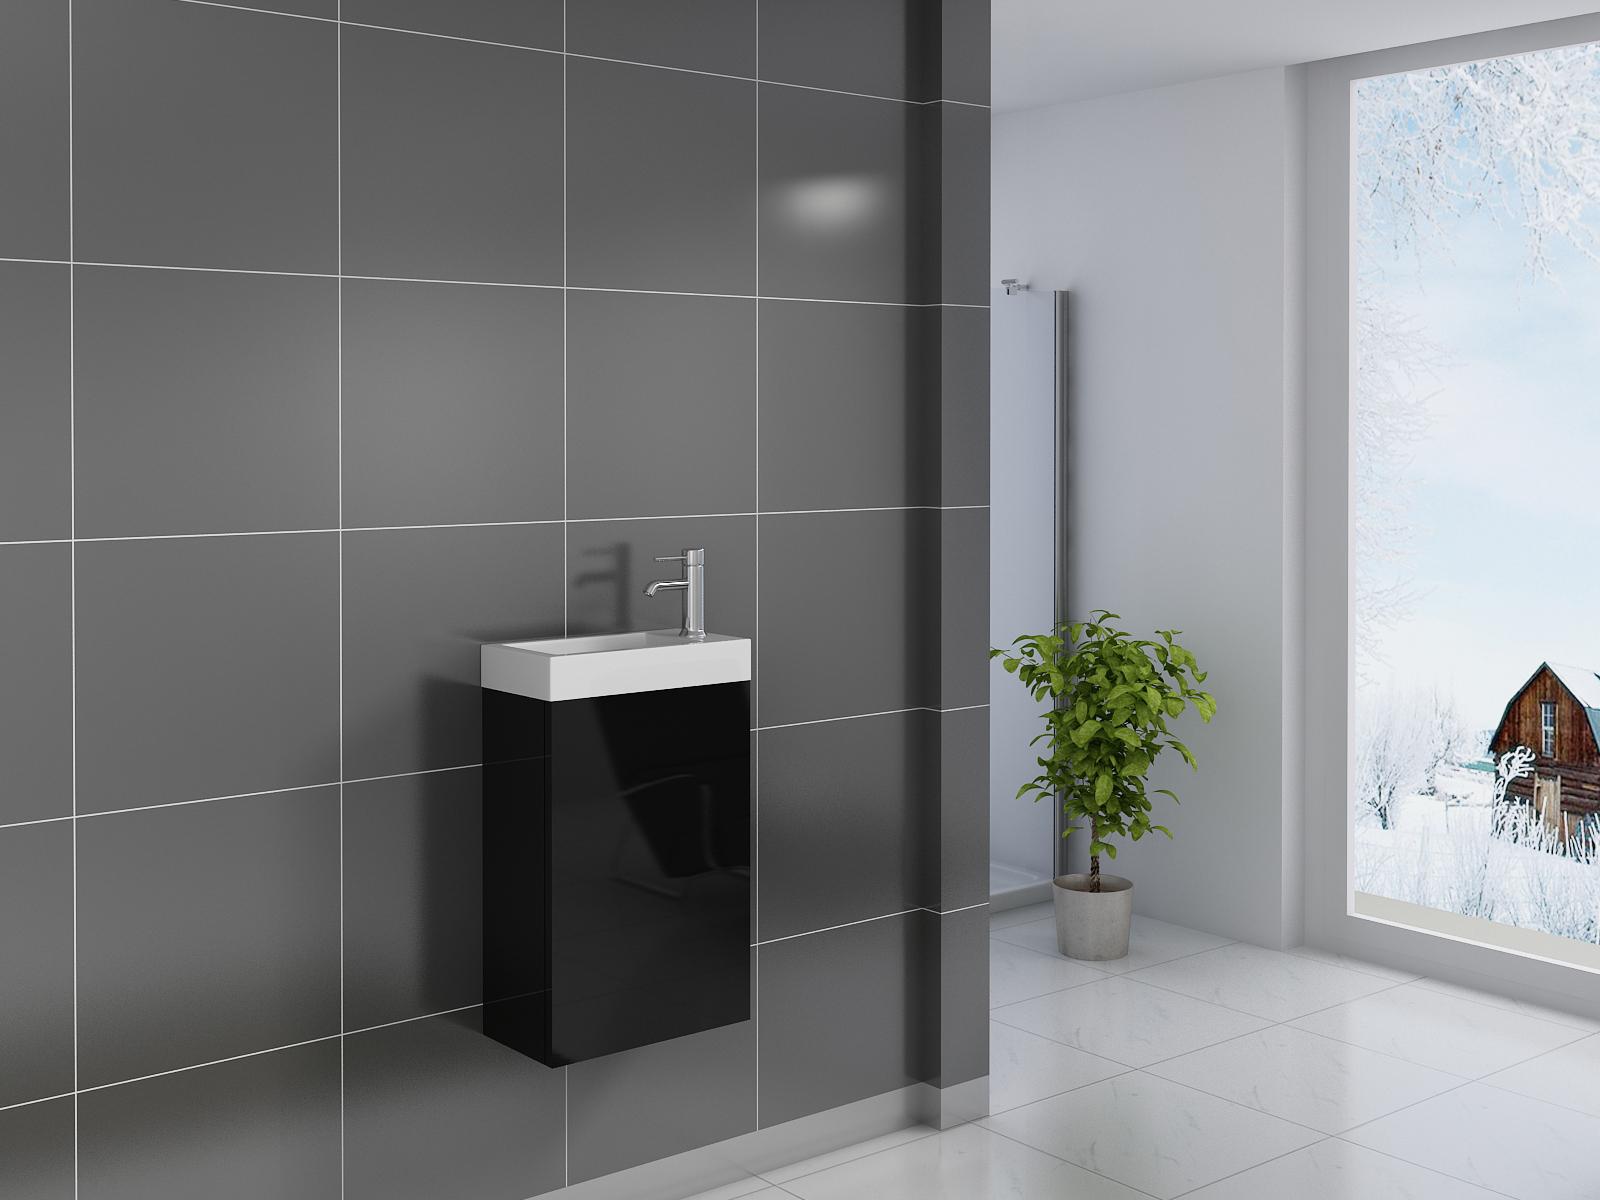 sam badezimmer waschplatz schwarz hochglanz vega auf lager. Black Bedroom Furniture Sets. Home Design Ideas